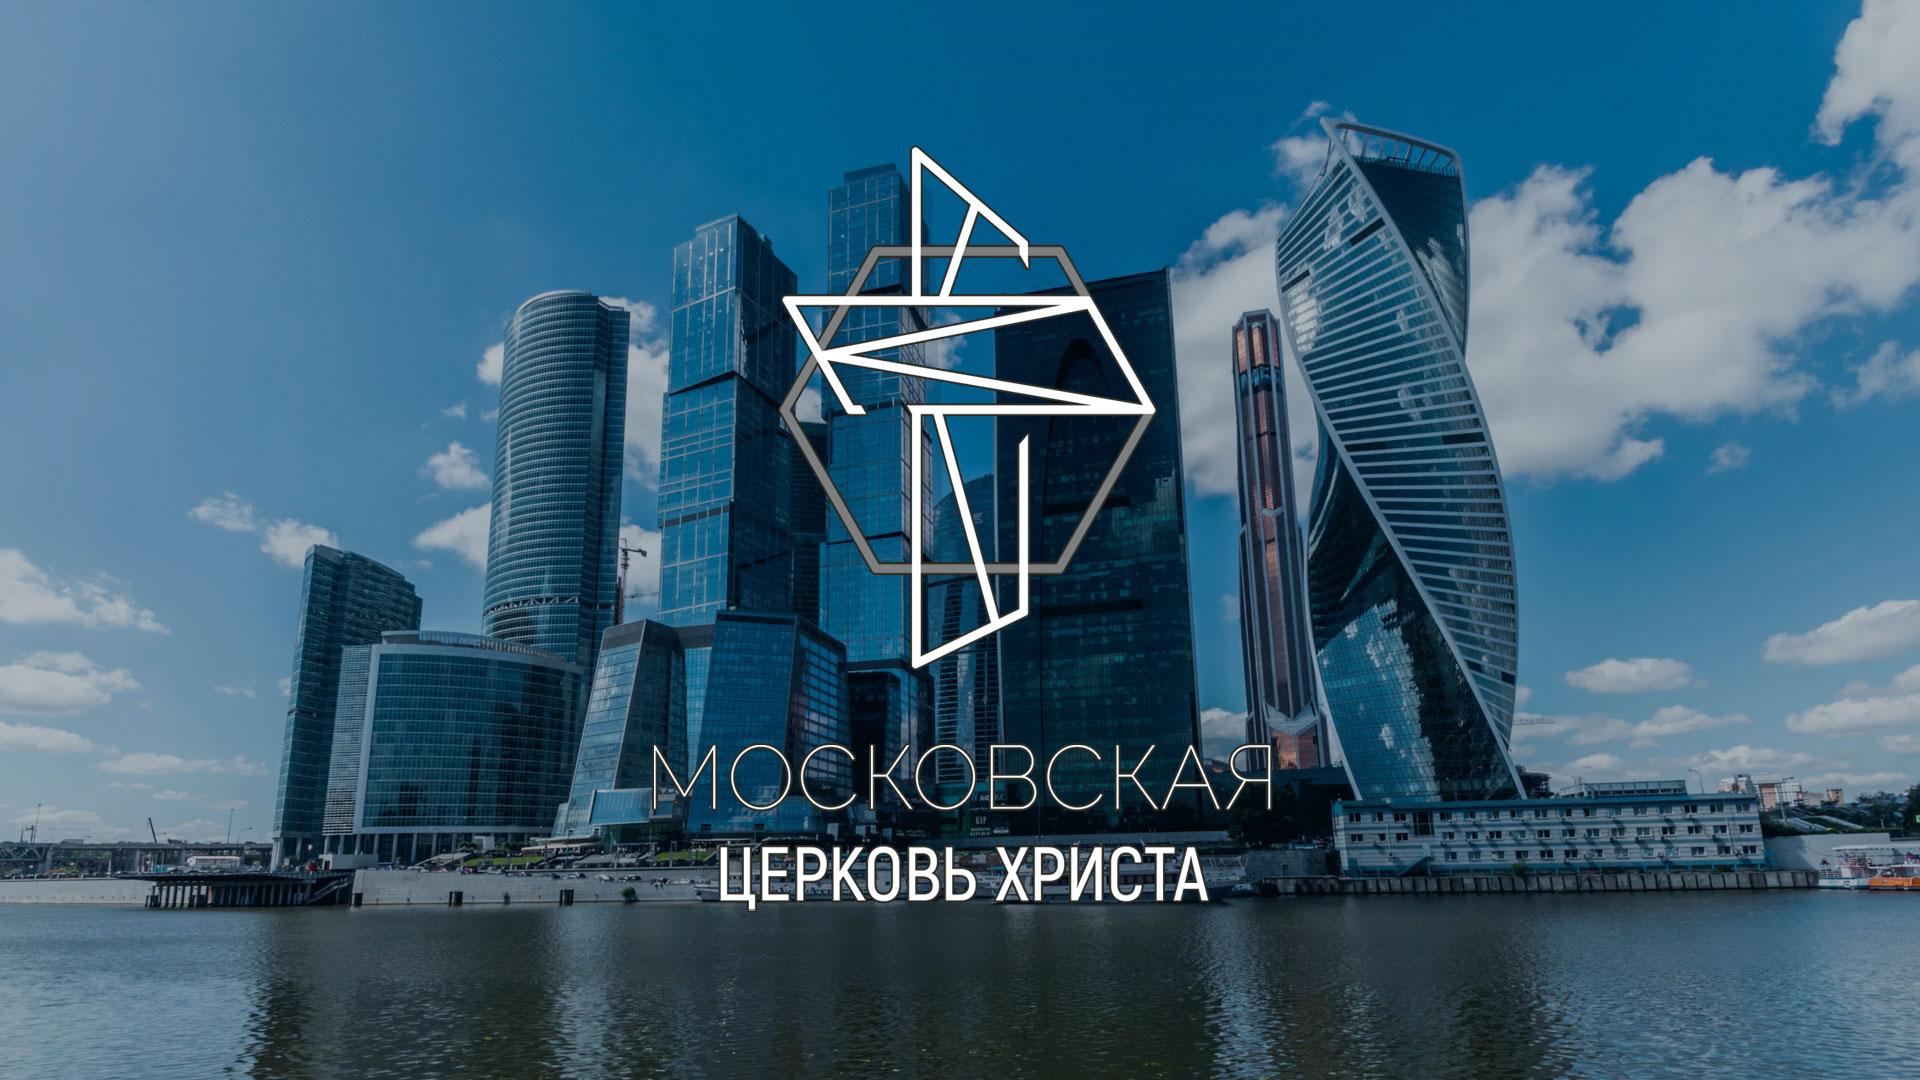 Московская Церковь Христа